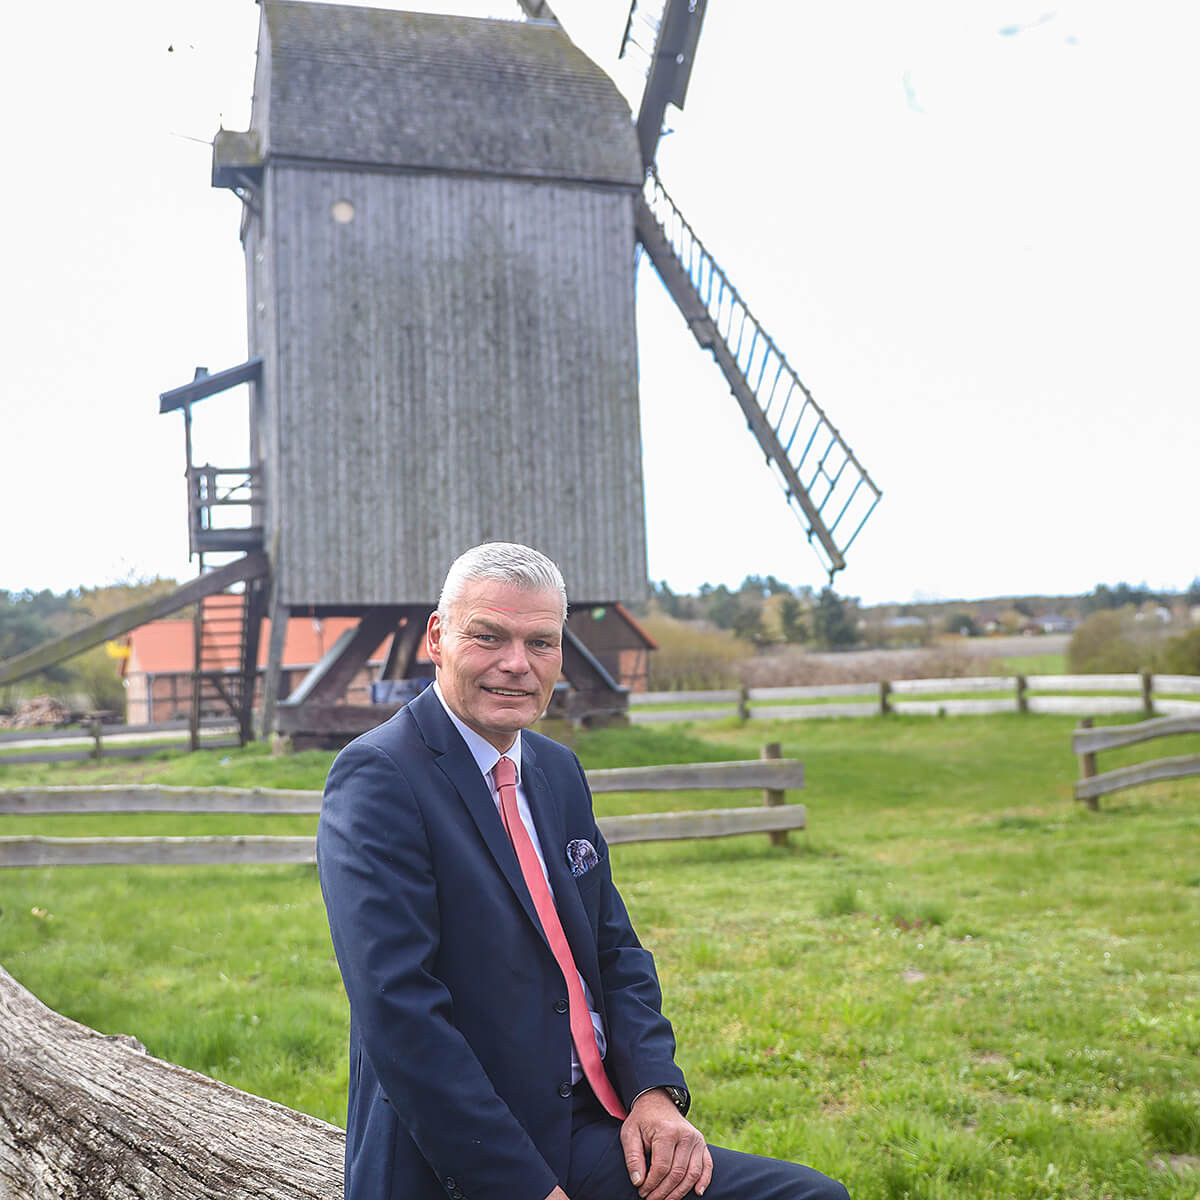 Holger Stahlknecht zum Tag des offenen Denkmals